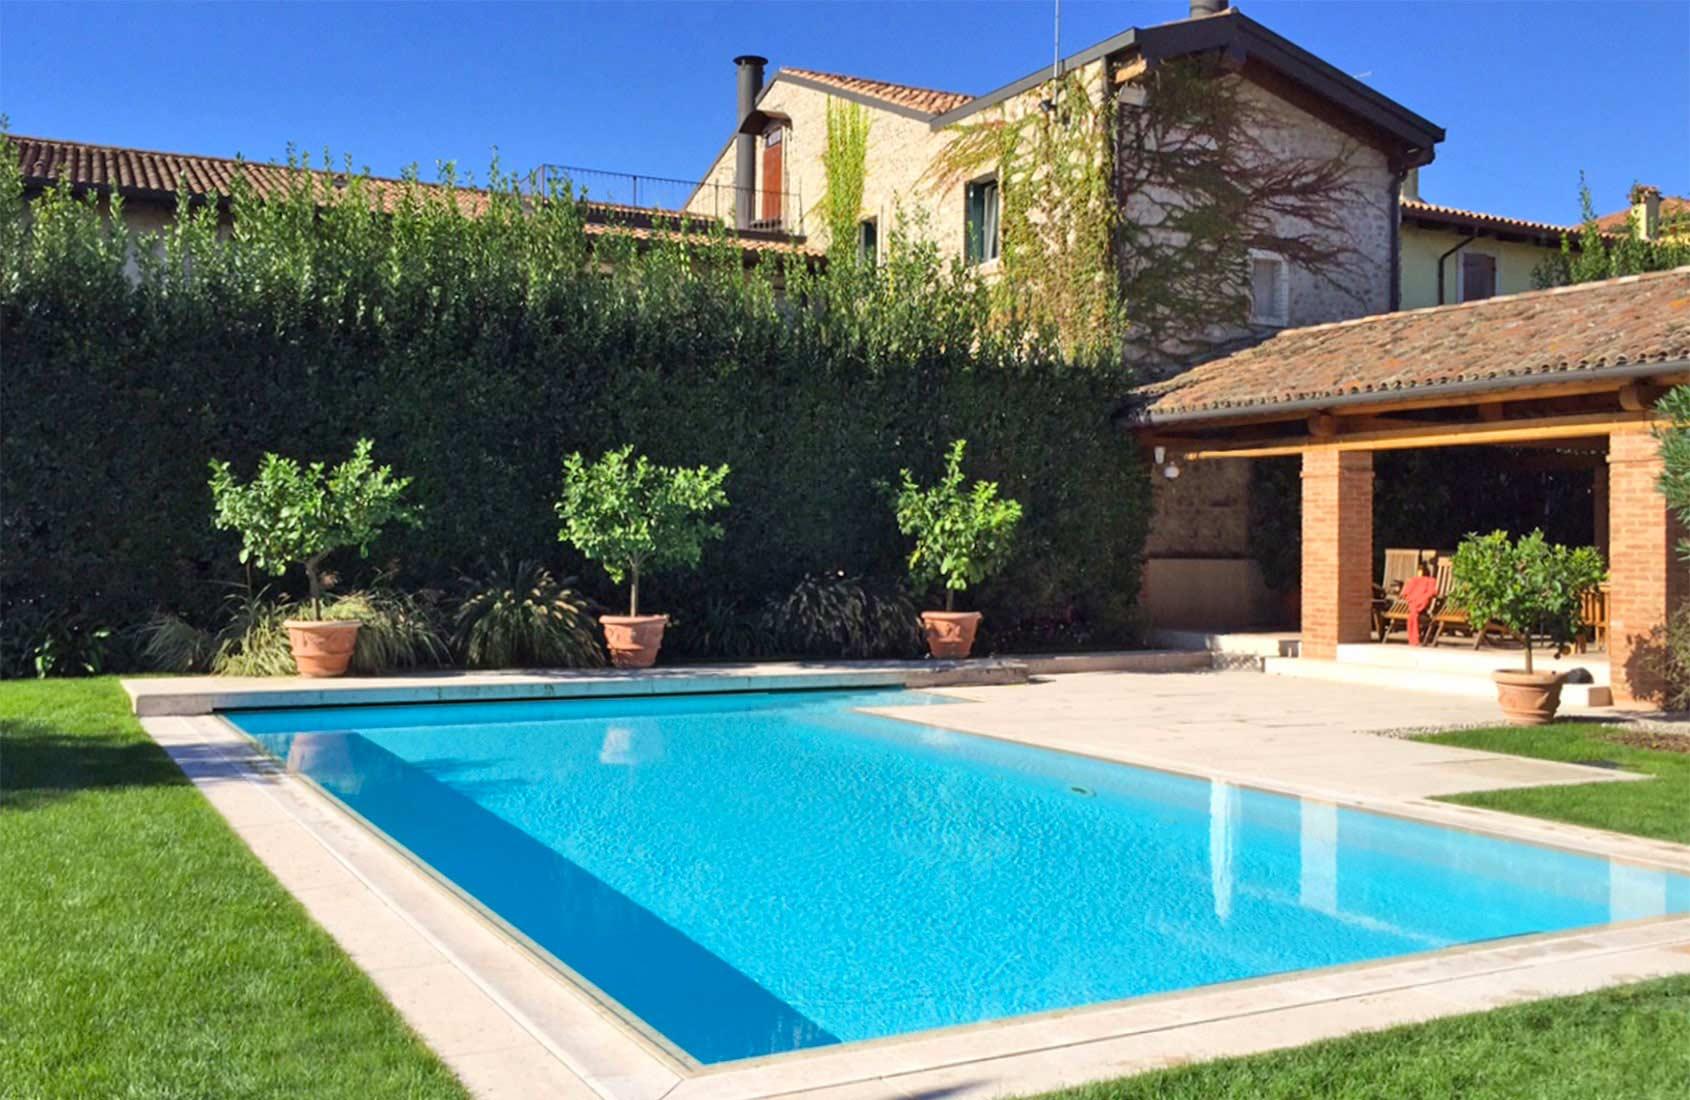 Progettazione giardino privato in campagna 3g giardini - Green garden piscina ...